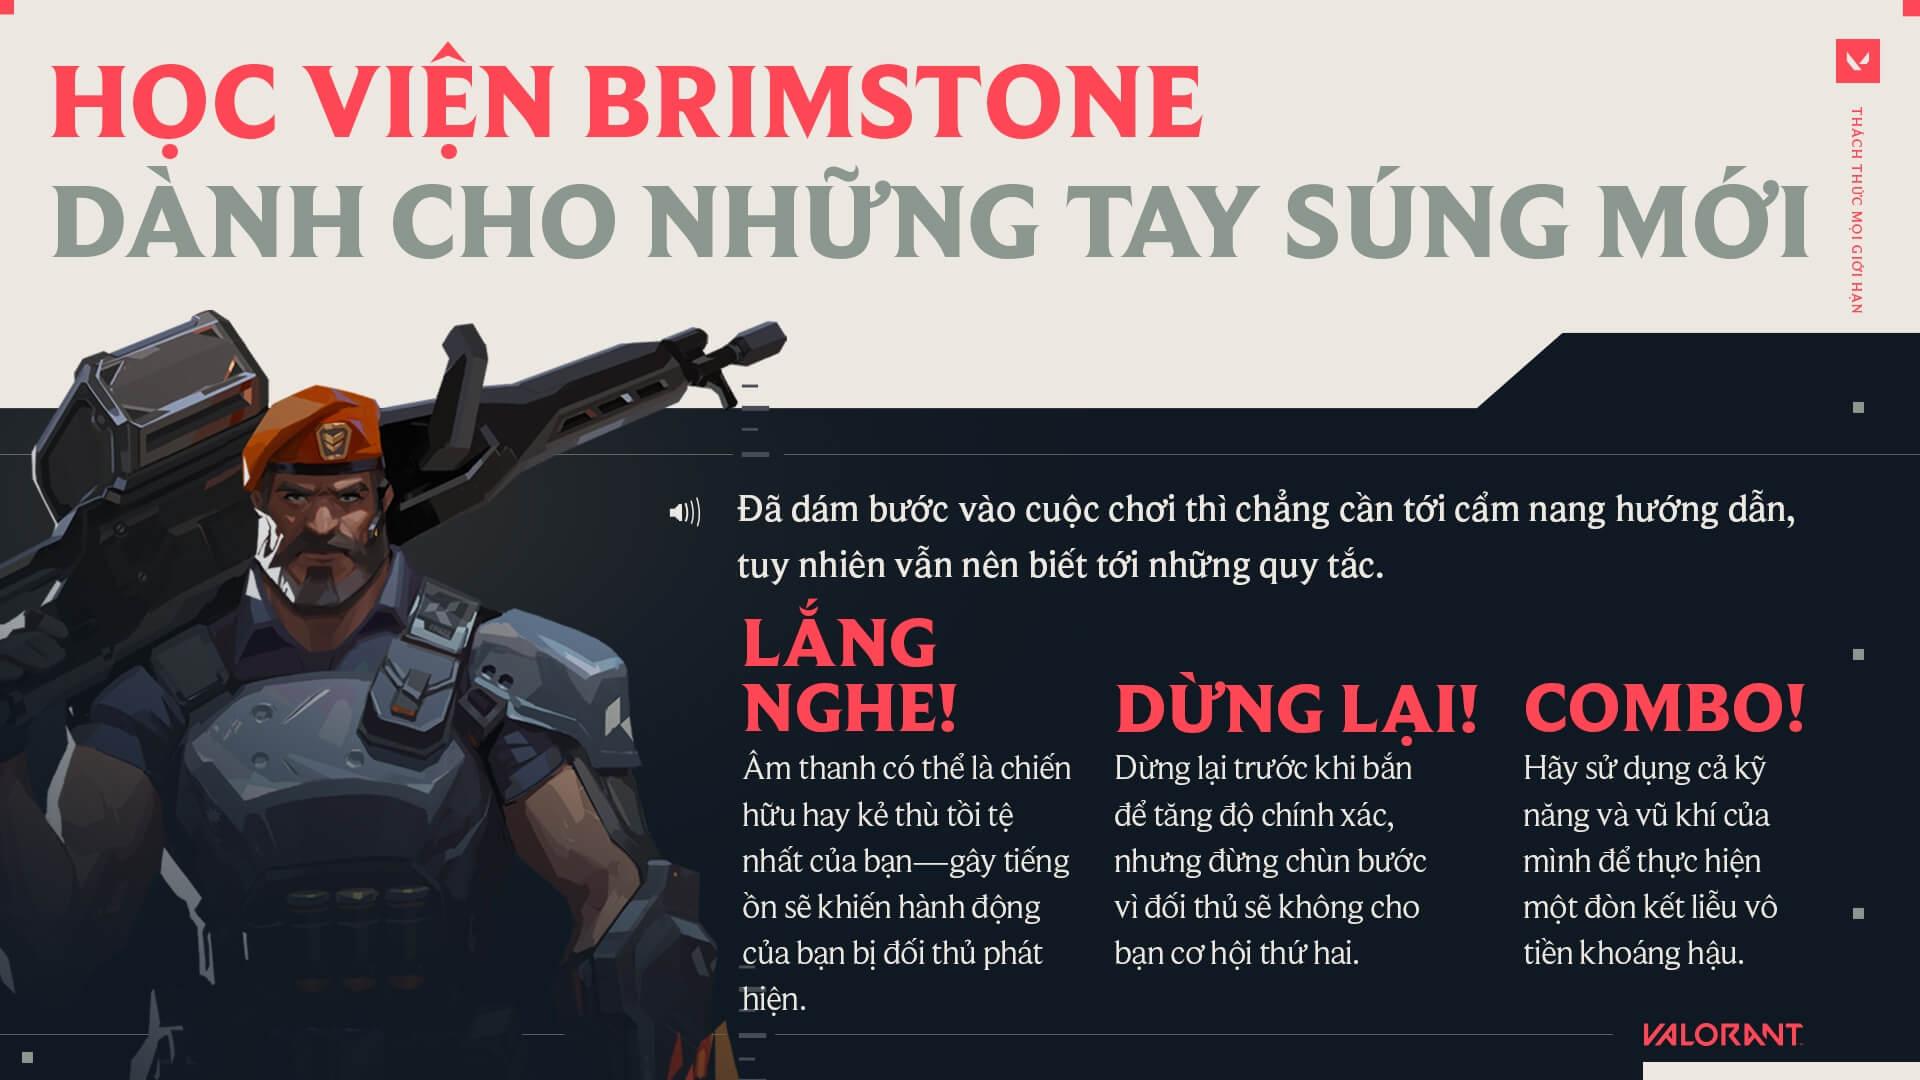 Lời khuyên dành cho các tay súng mới